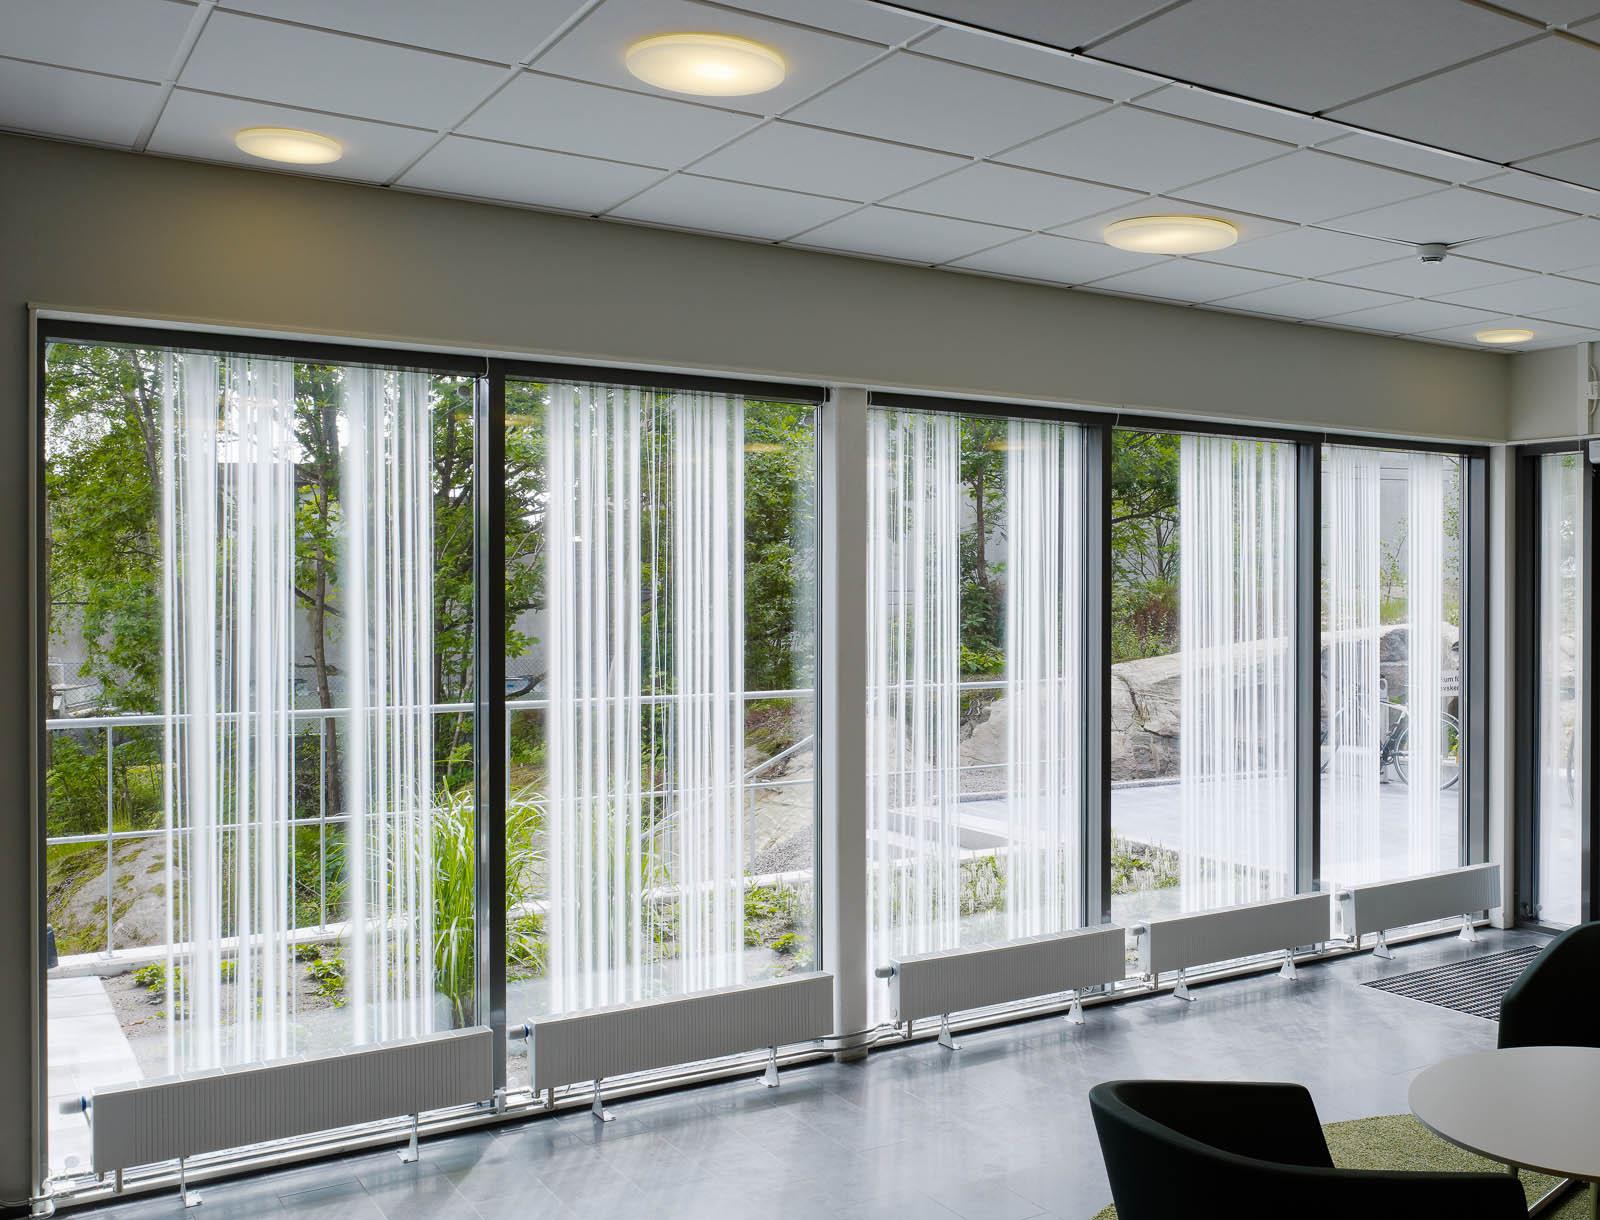 Glasparti med trädgården utanför. Ingegerd Råman, Crystal Curtain (2013)